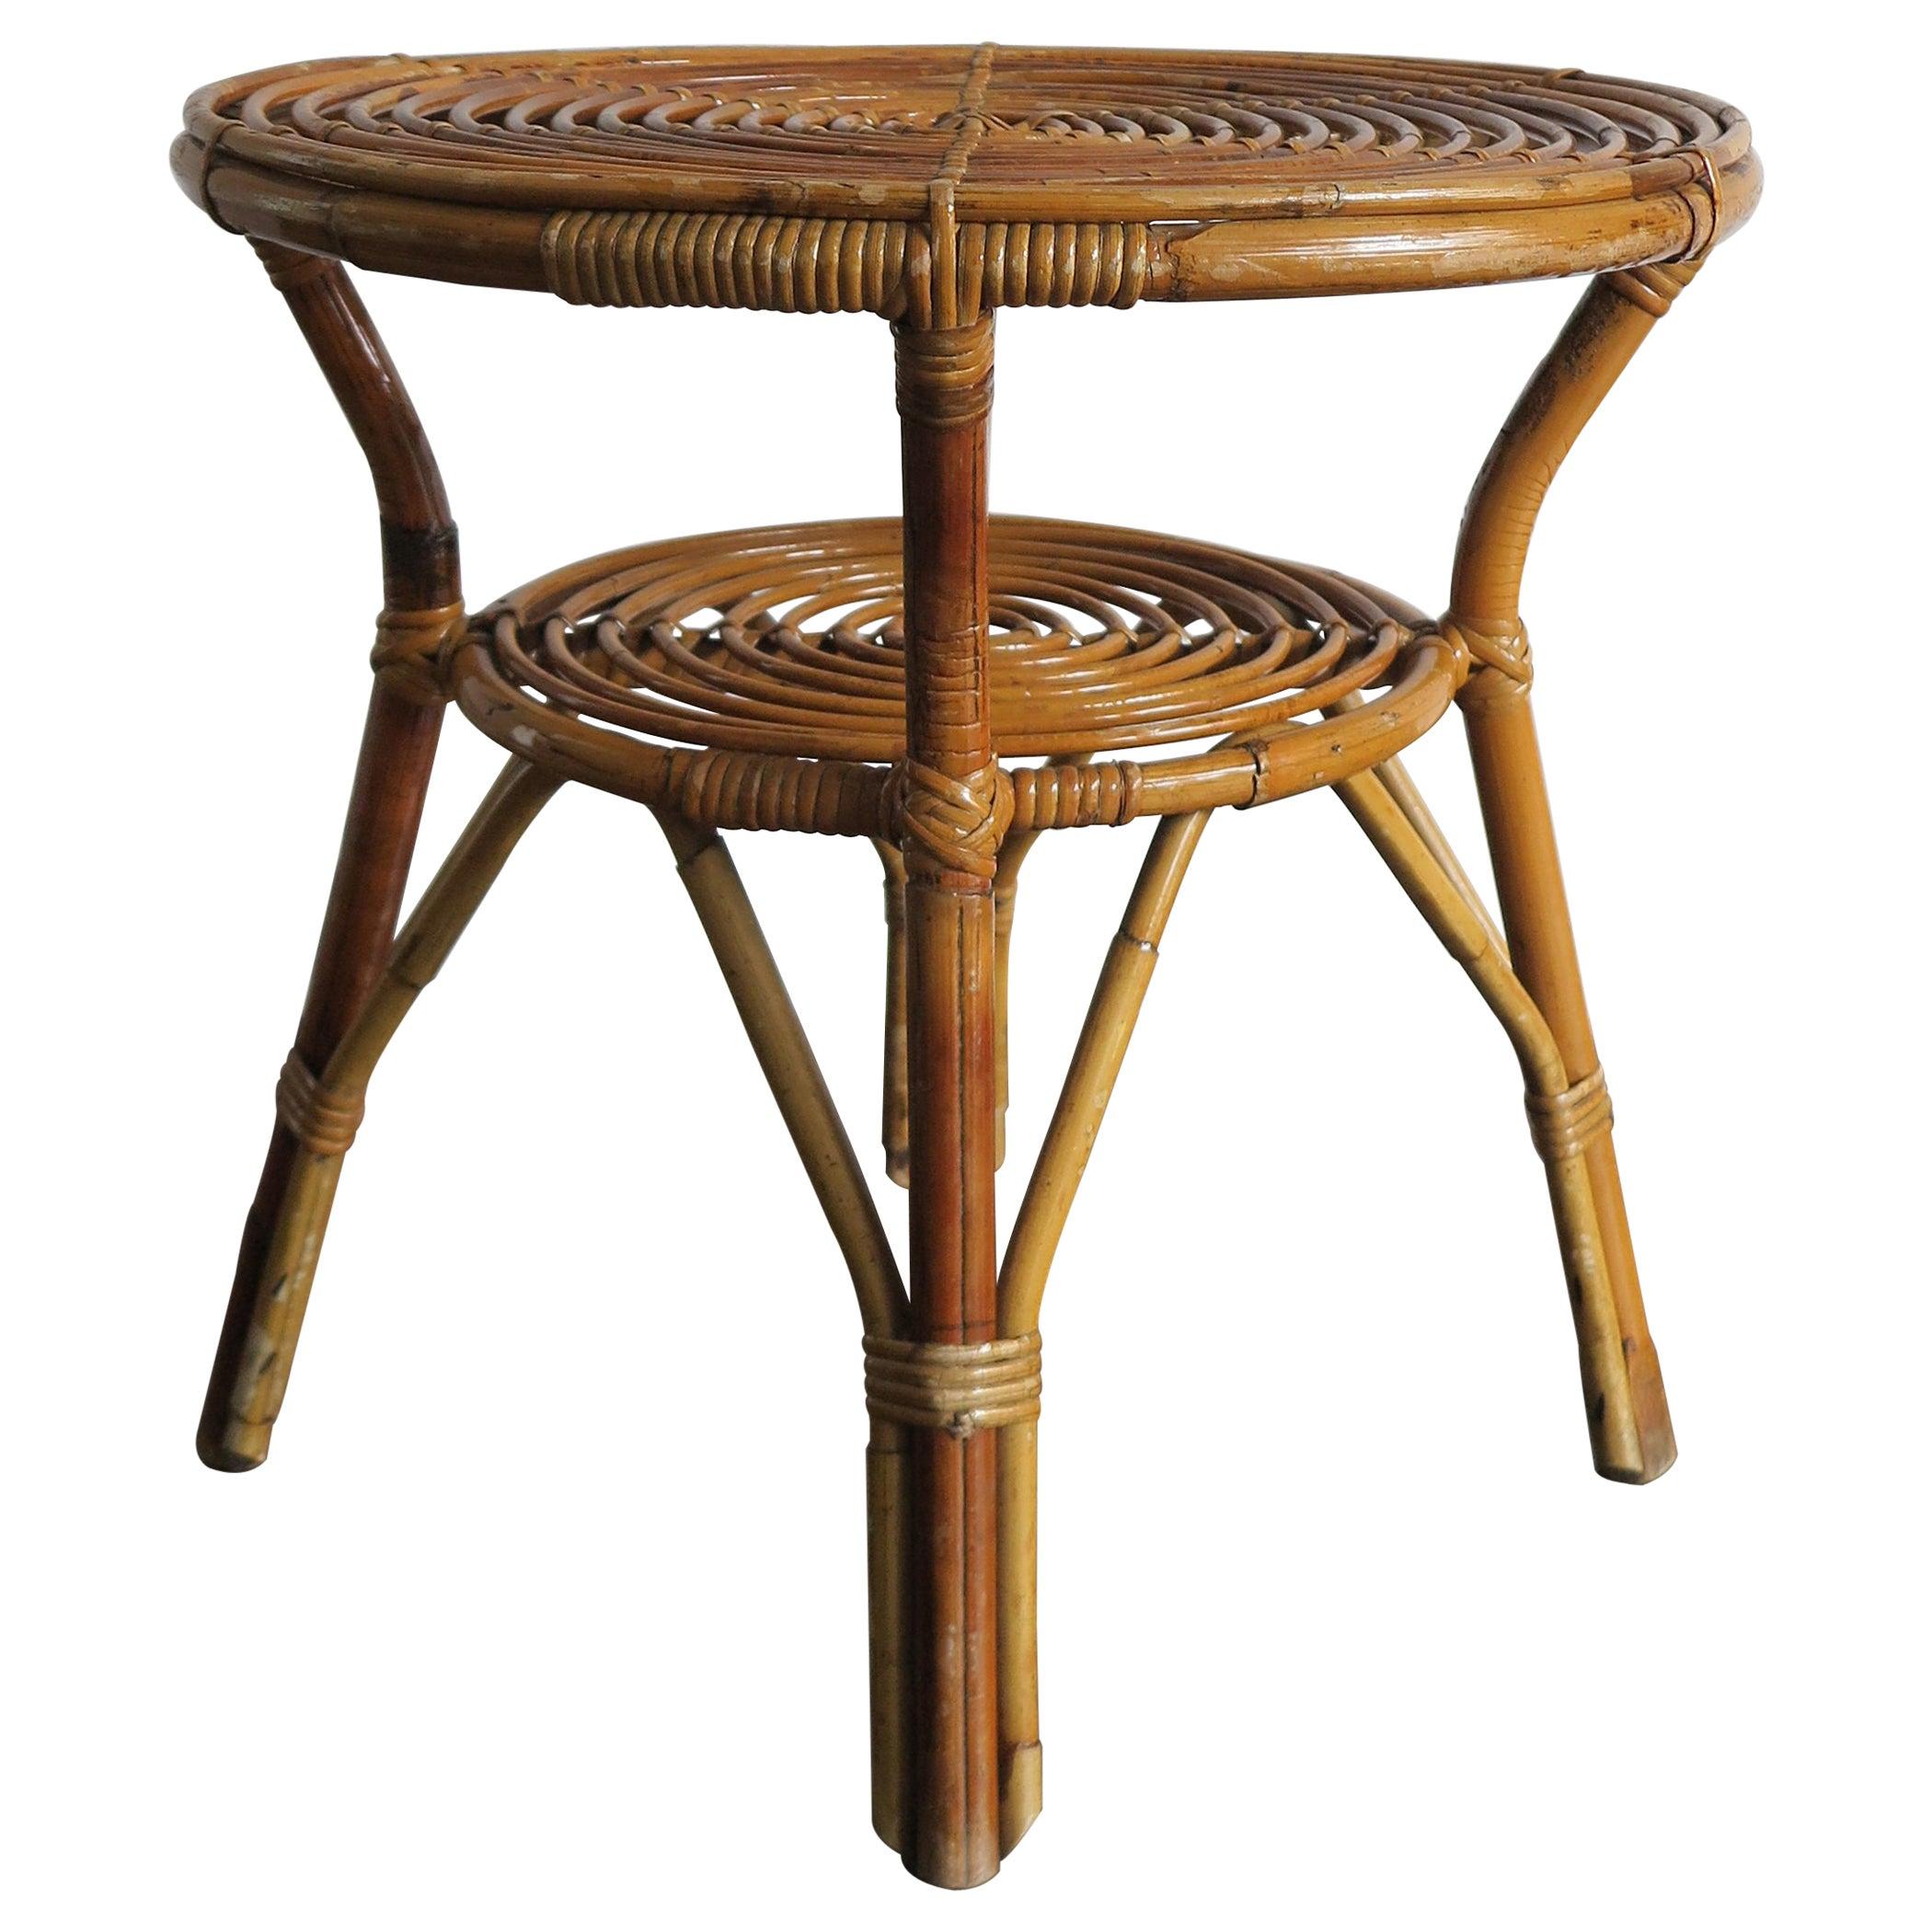 Rattan Bamboo Italian Sofa Table or Coffee Table, Bonacina Style, 1950s